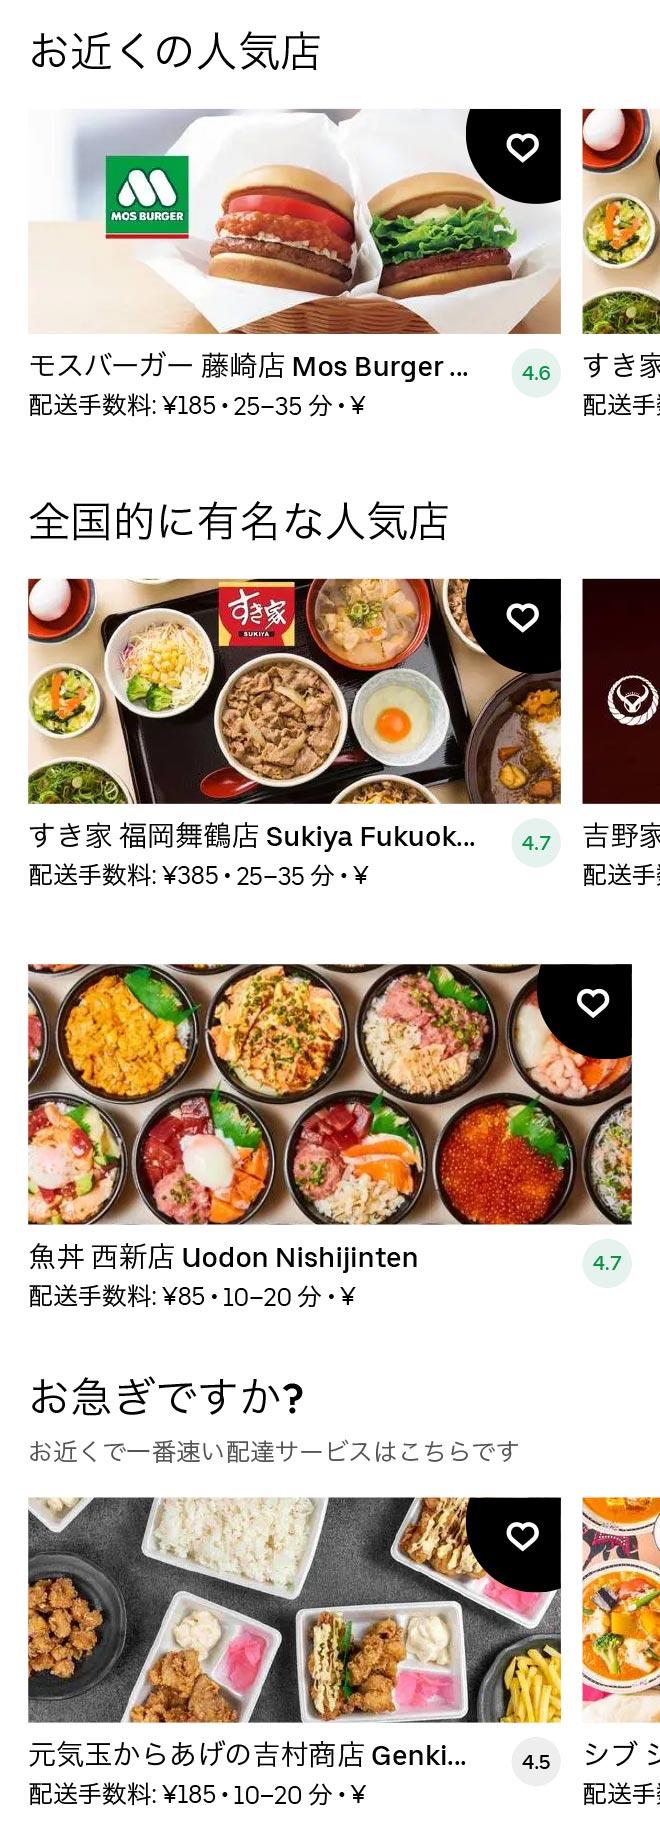 Nishijin menu 2101 01